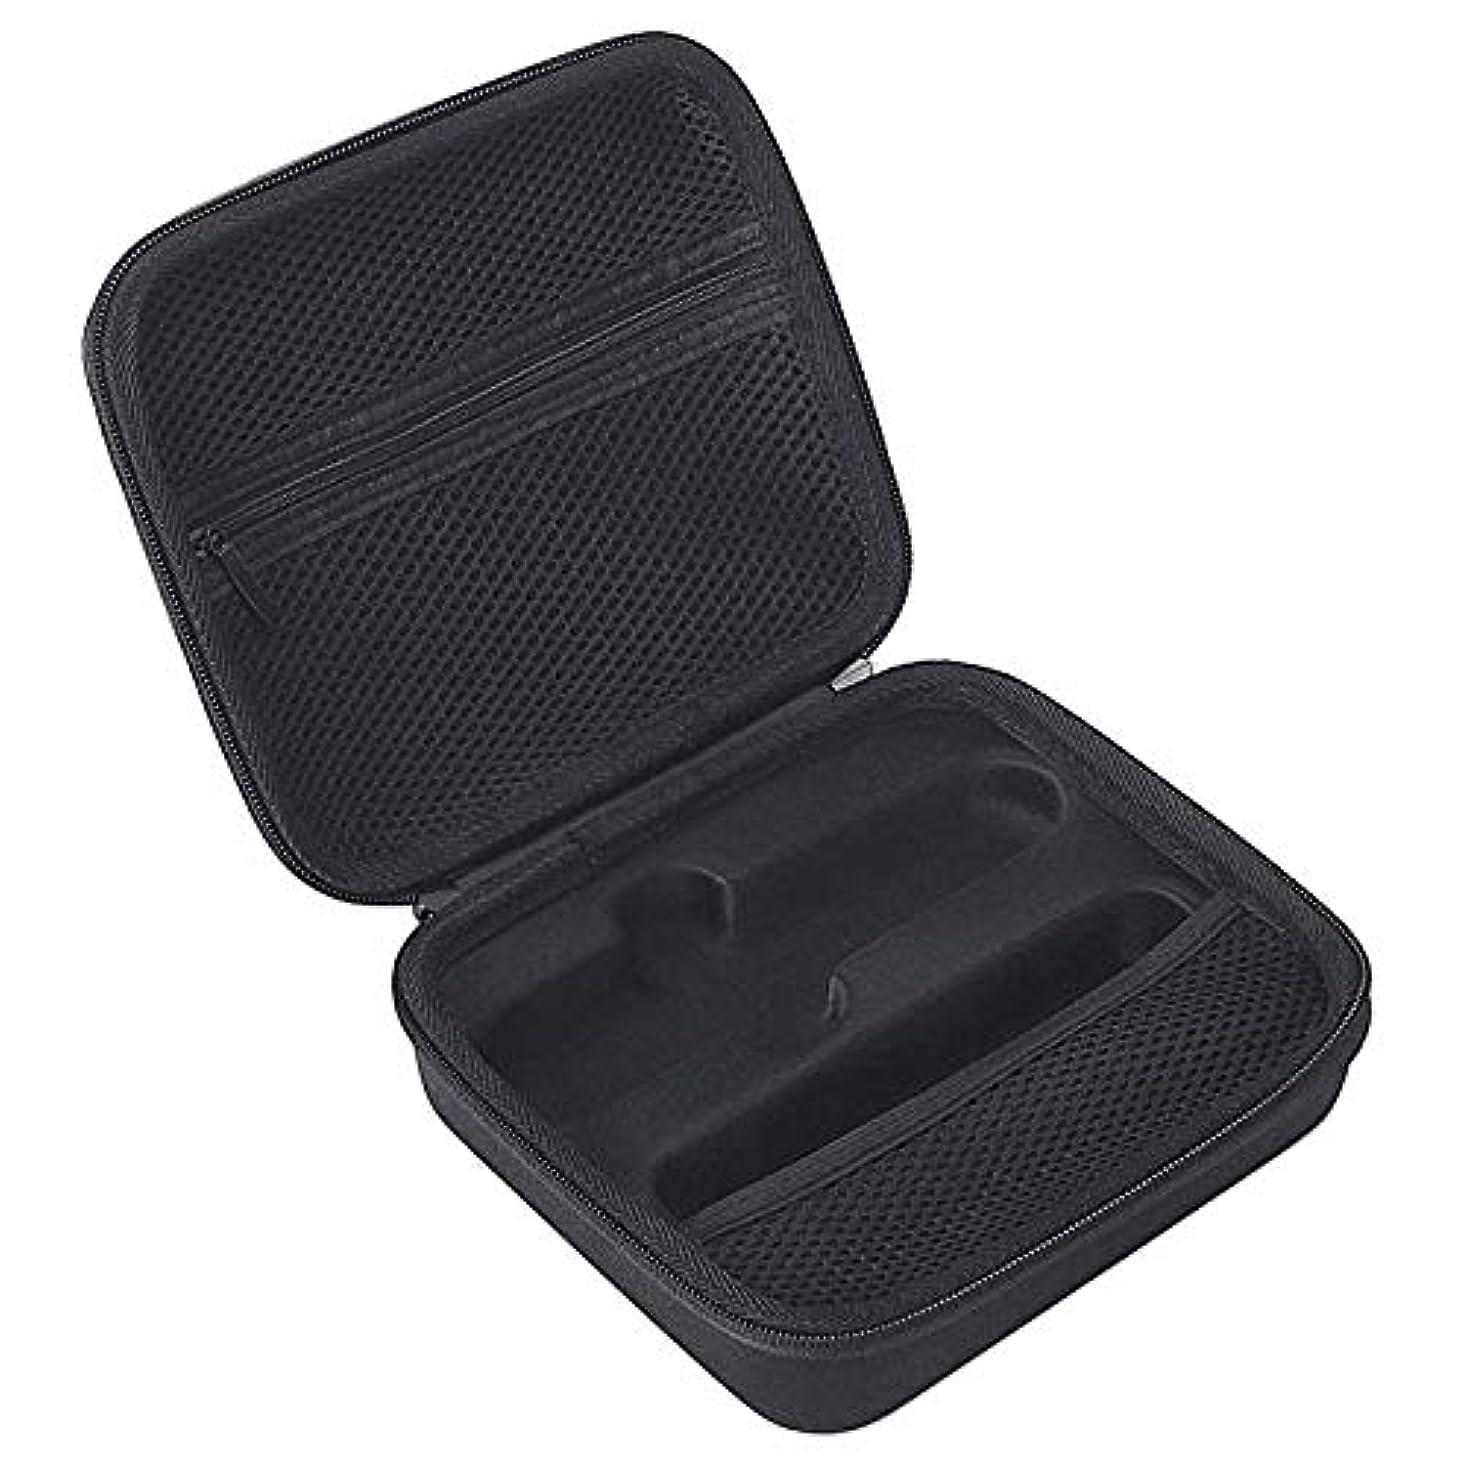 キャンセルリーフレットクレアRETYLY ハードトラベルボックスカバーバッグケース Norelco Multi Groomer Series 3000/5000/7000 Mg3750 Mg5750/49 Mg7750/49用